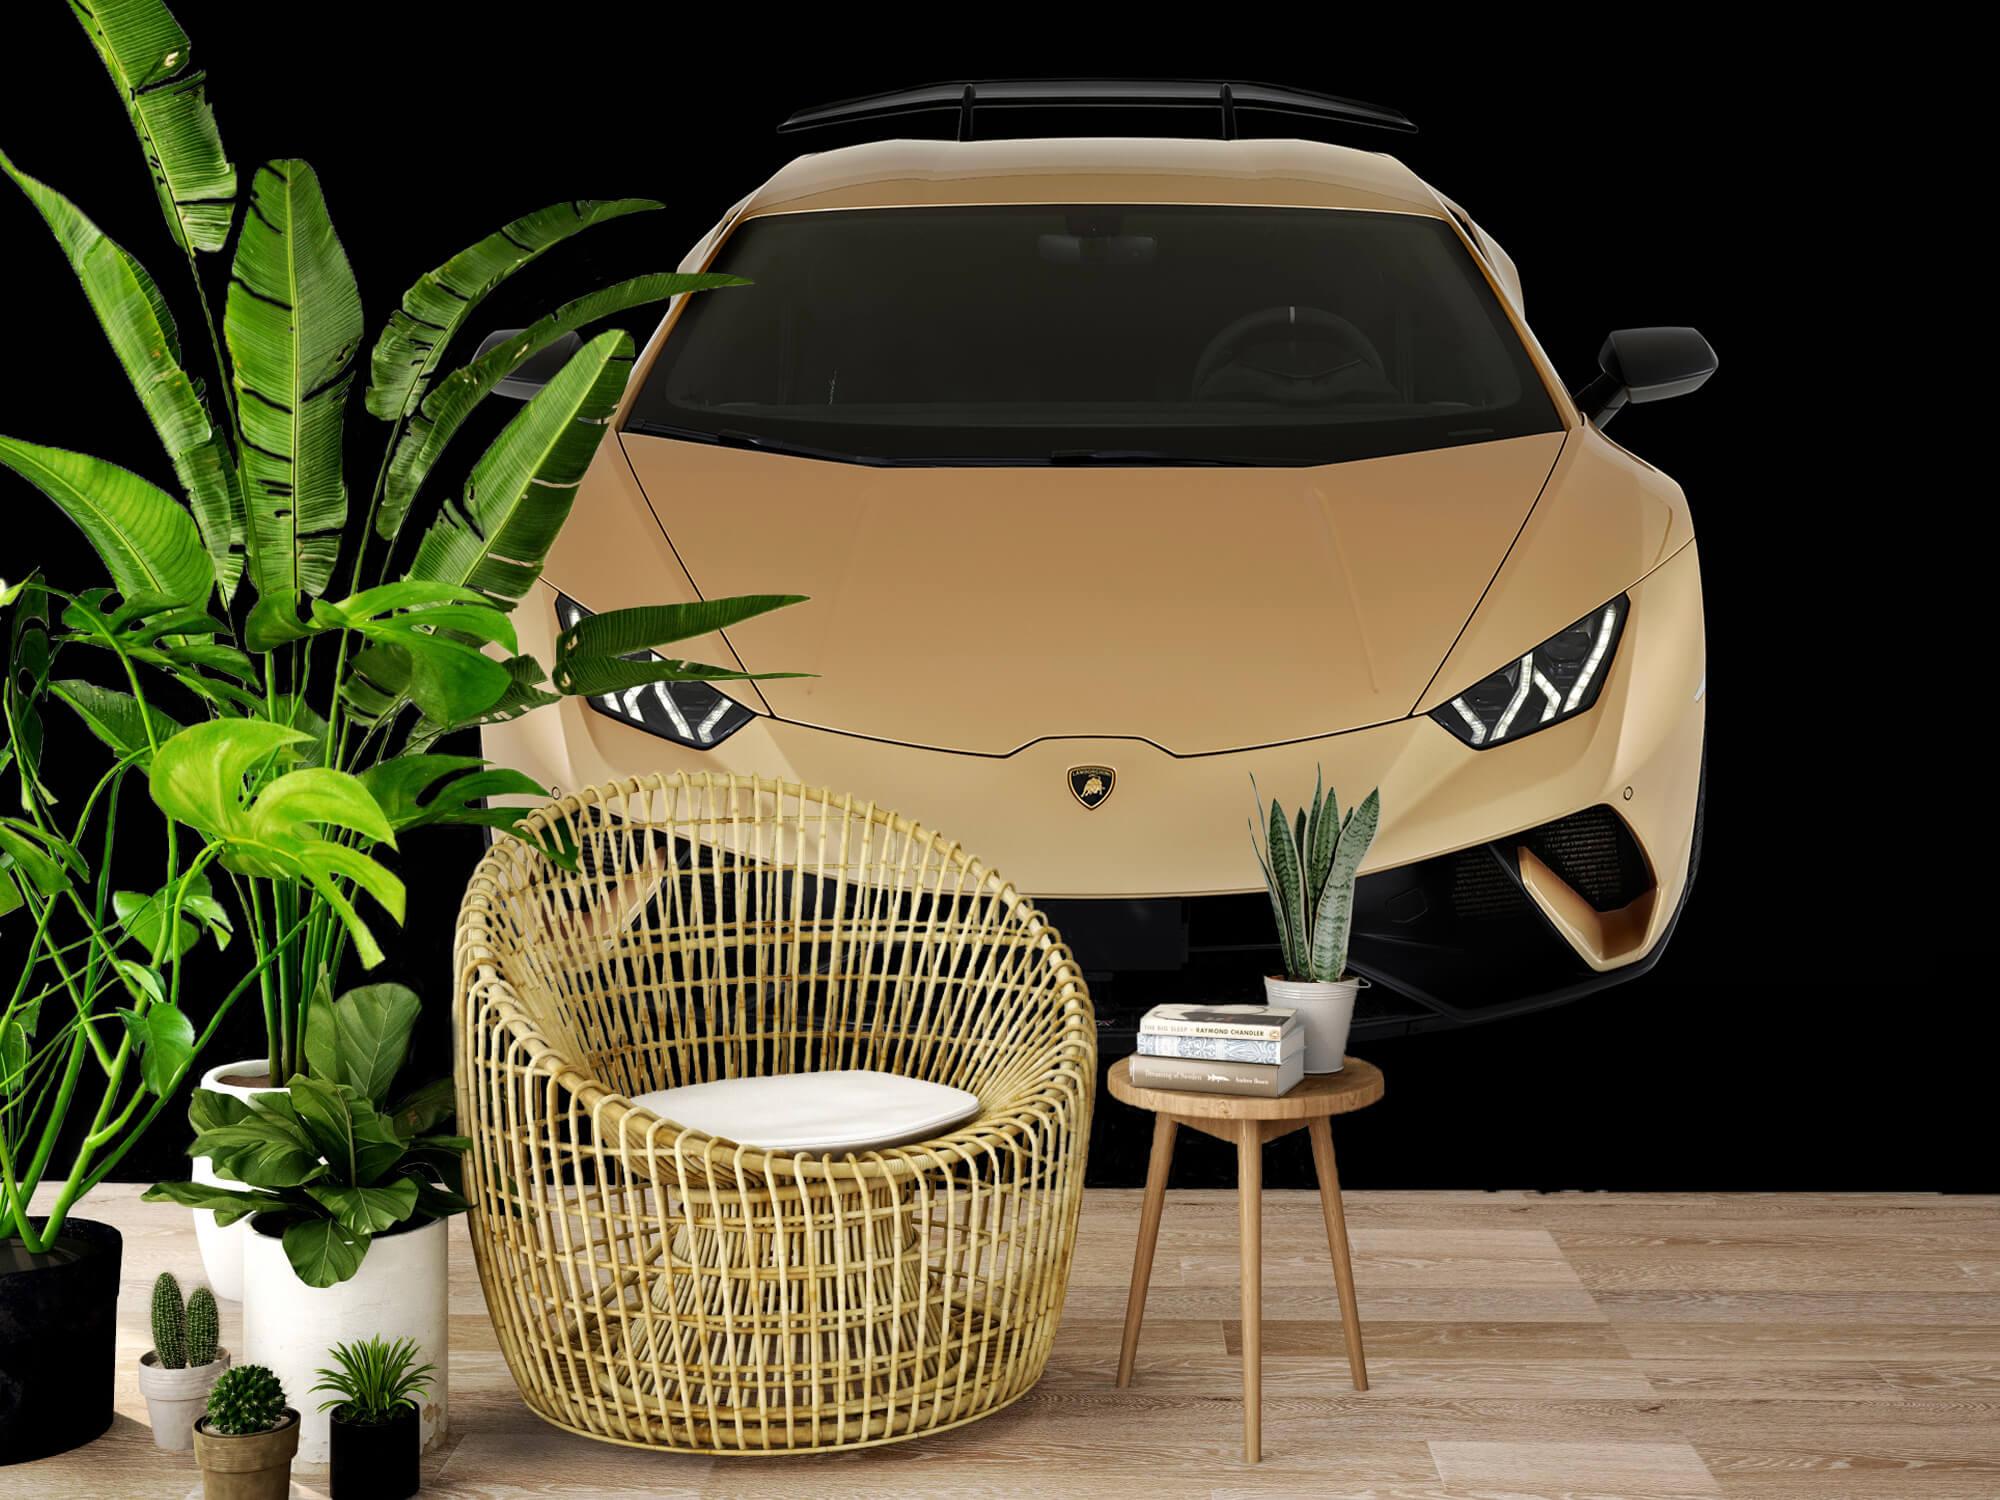 Wallpaper Lamborghini Huracán - Framifrån uppifrån, svart 5